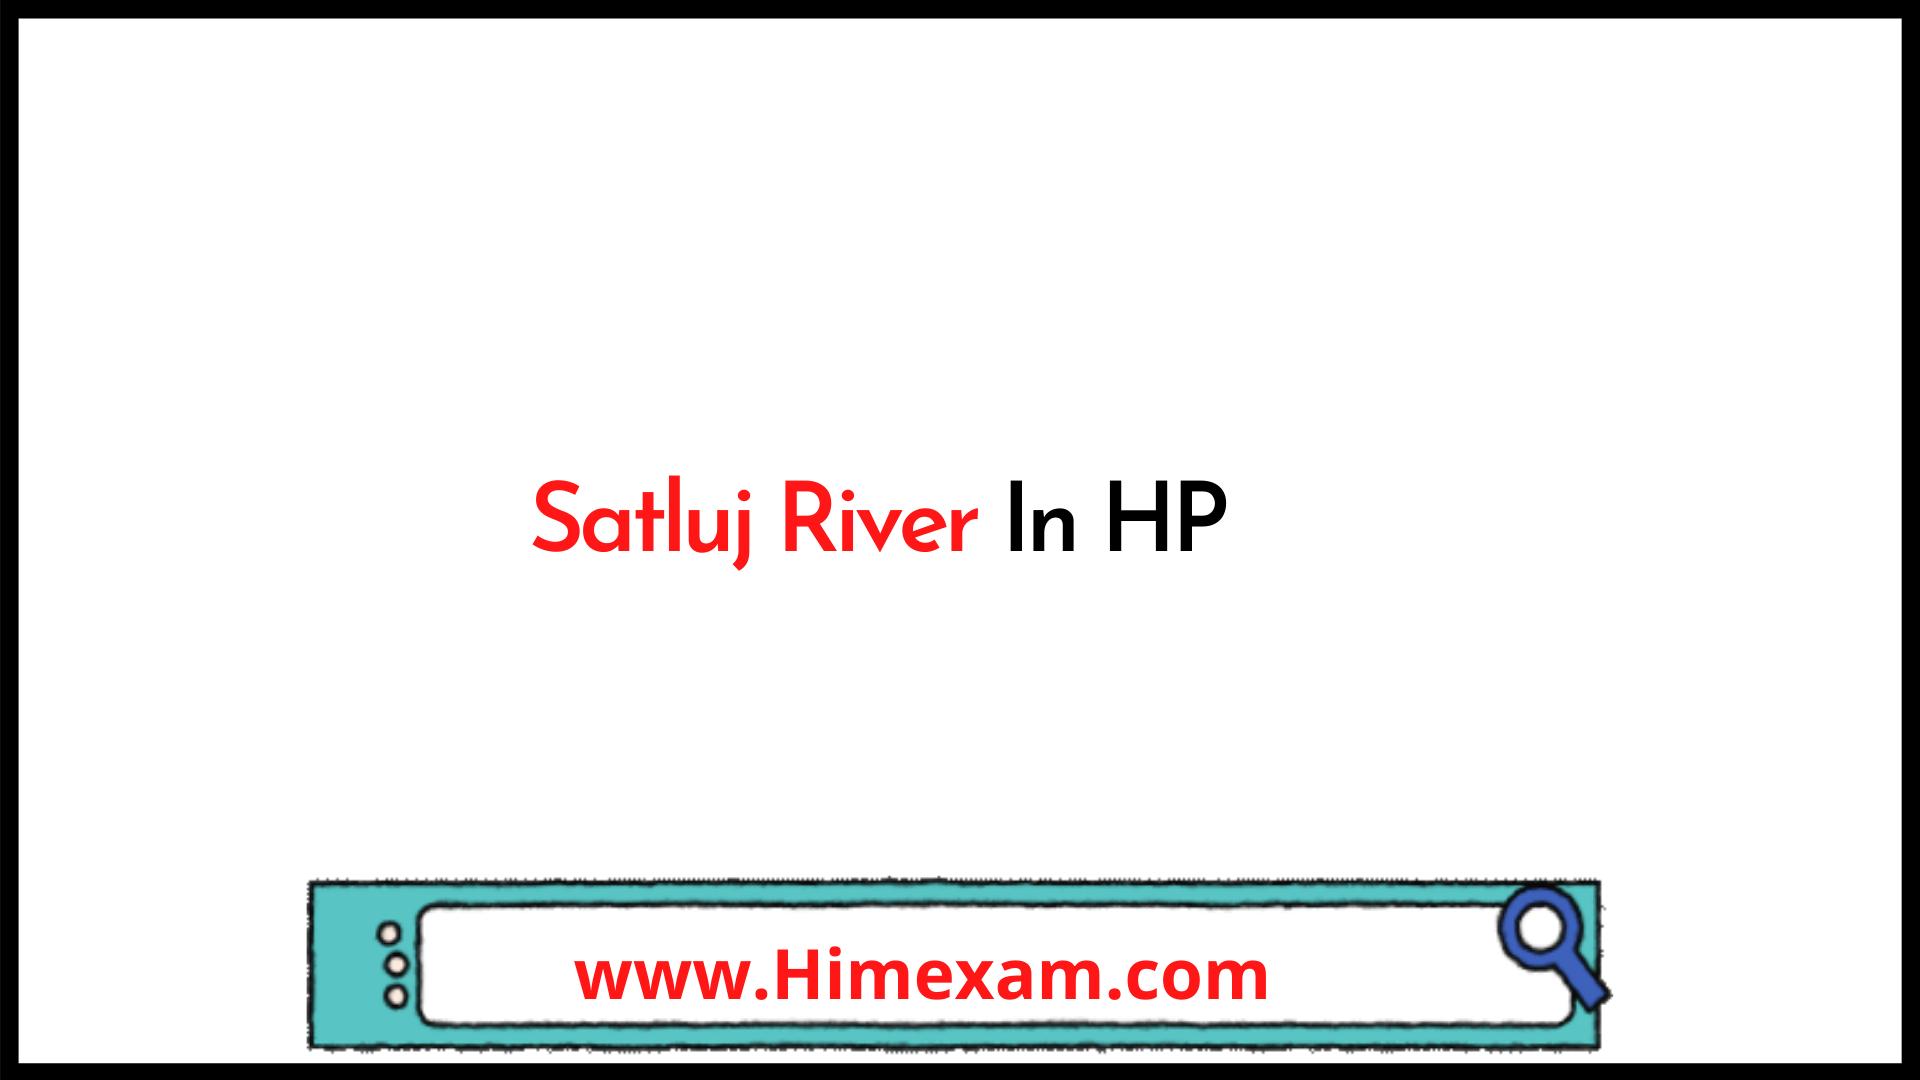 Satluj River In HP